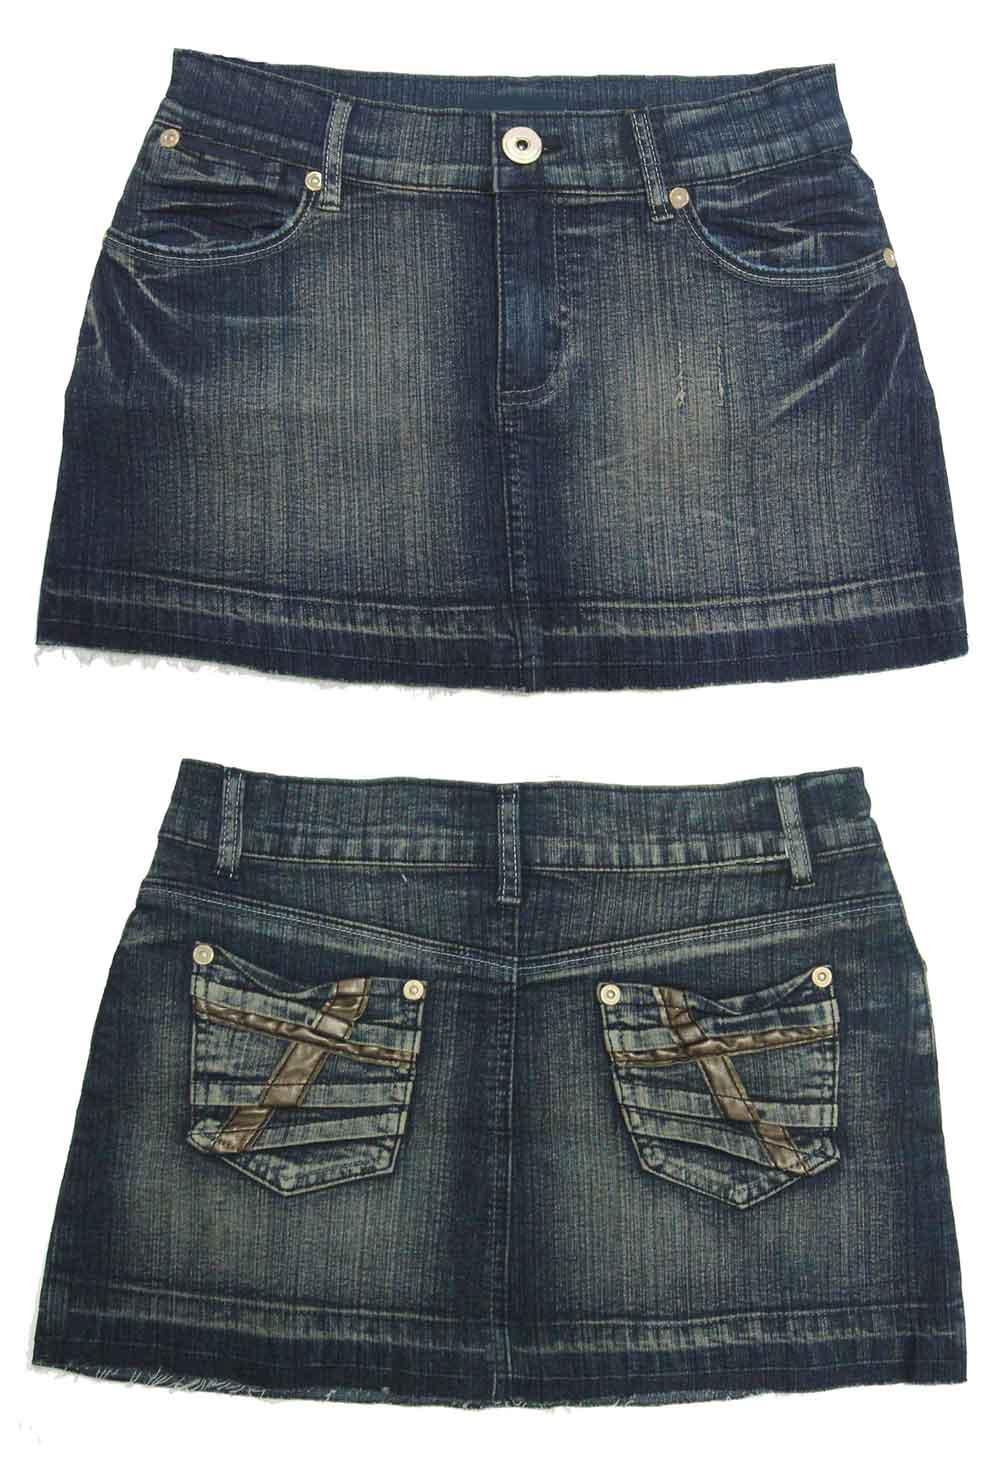 Ladies Stretch Denim Mini Skirt - Buy Skirt,Denim Skirt,Jean Skirt ...